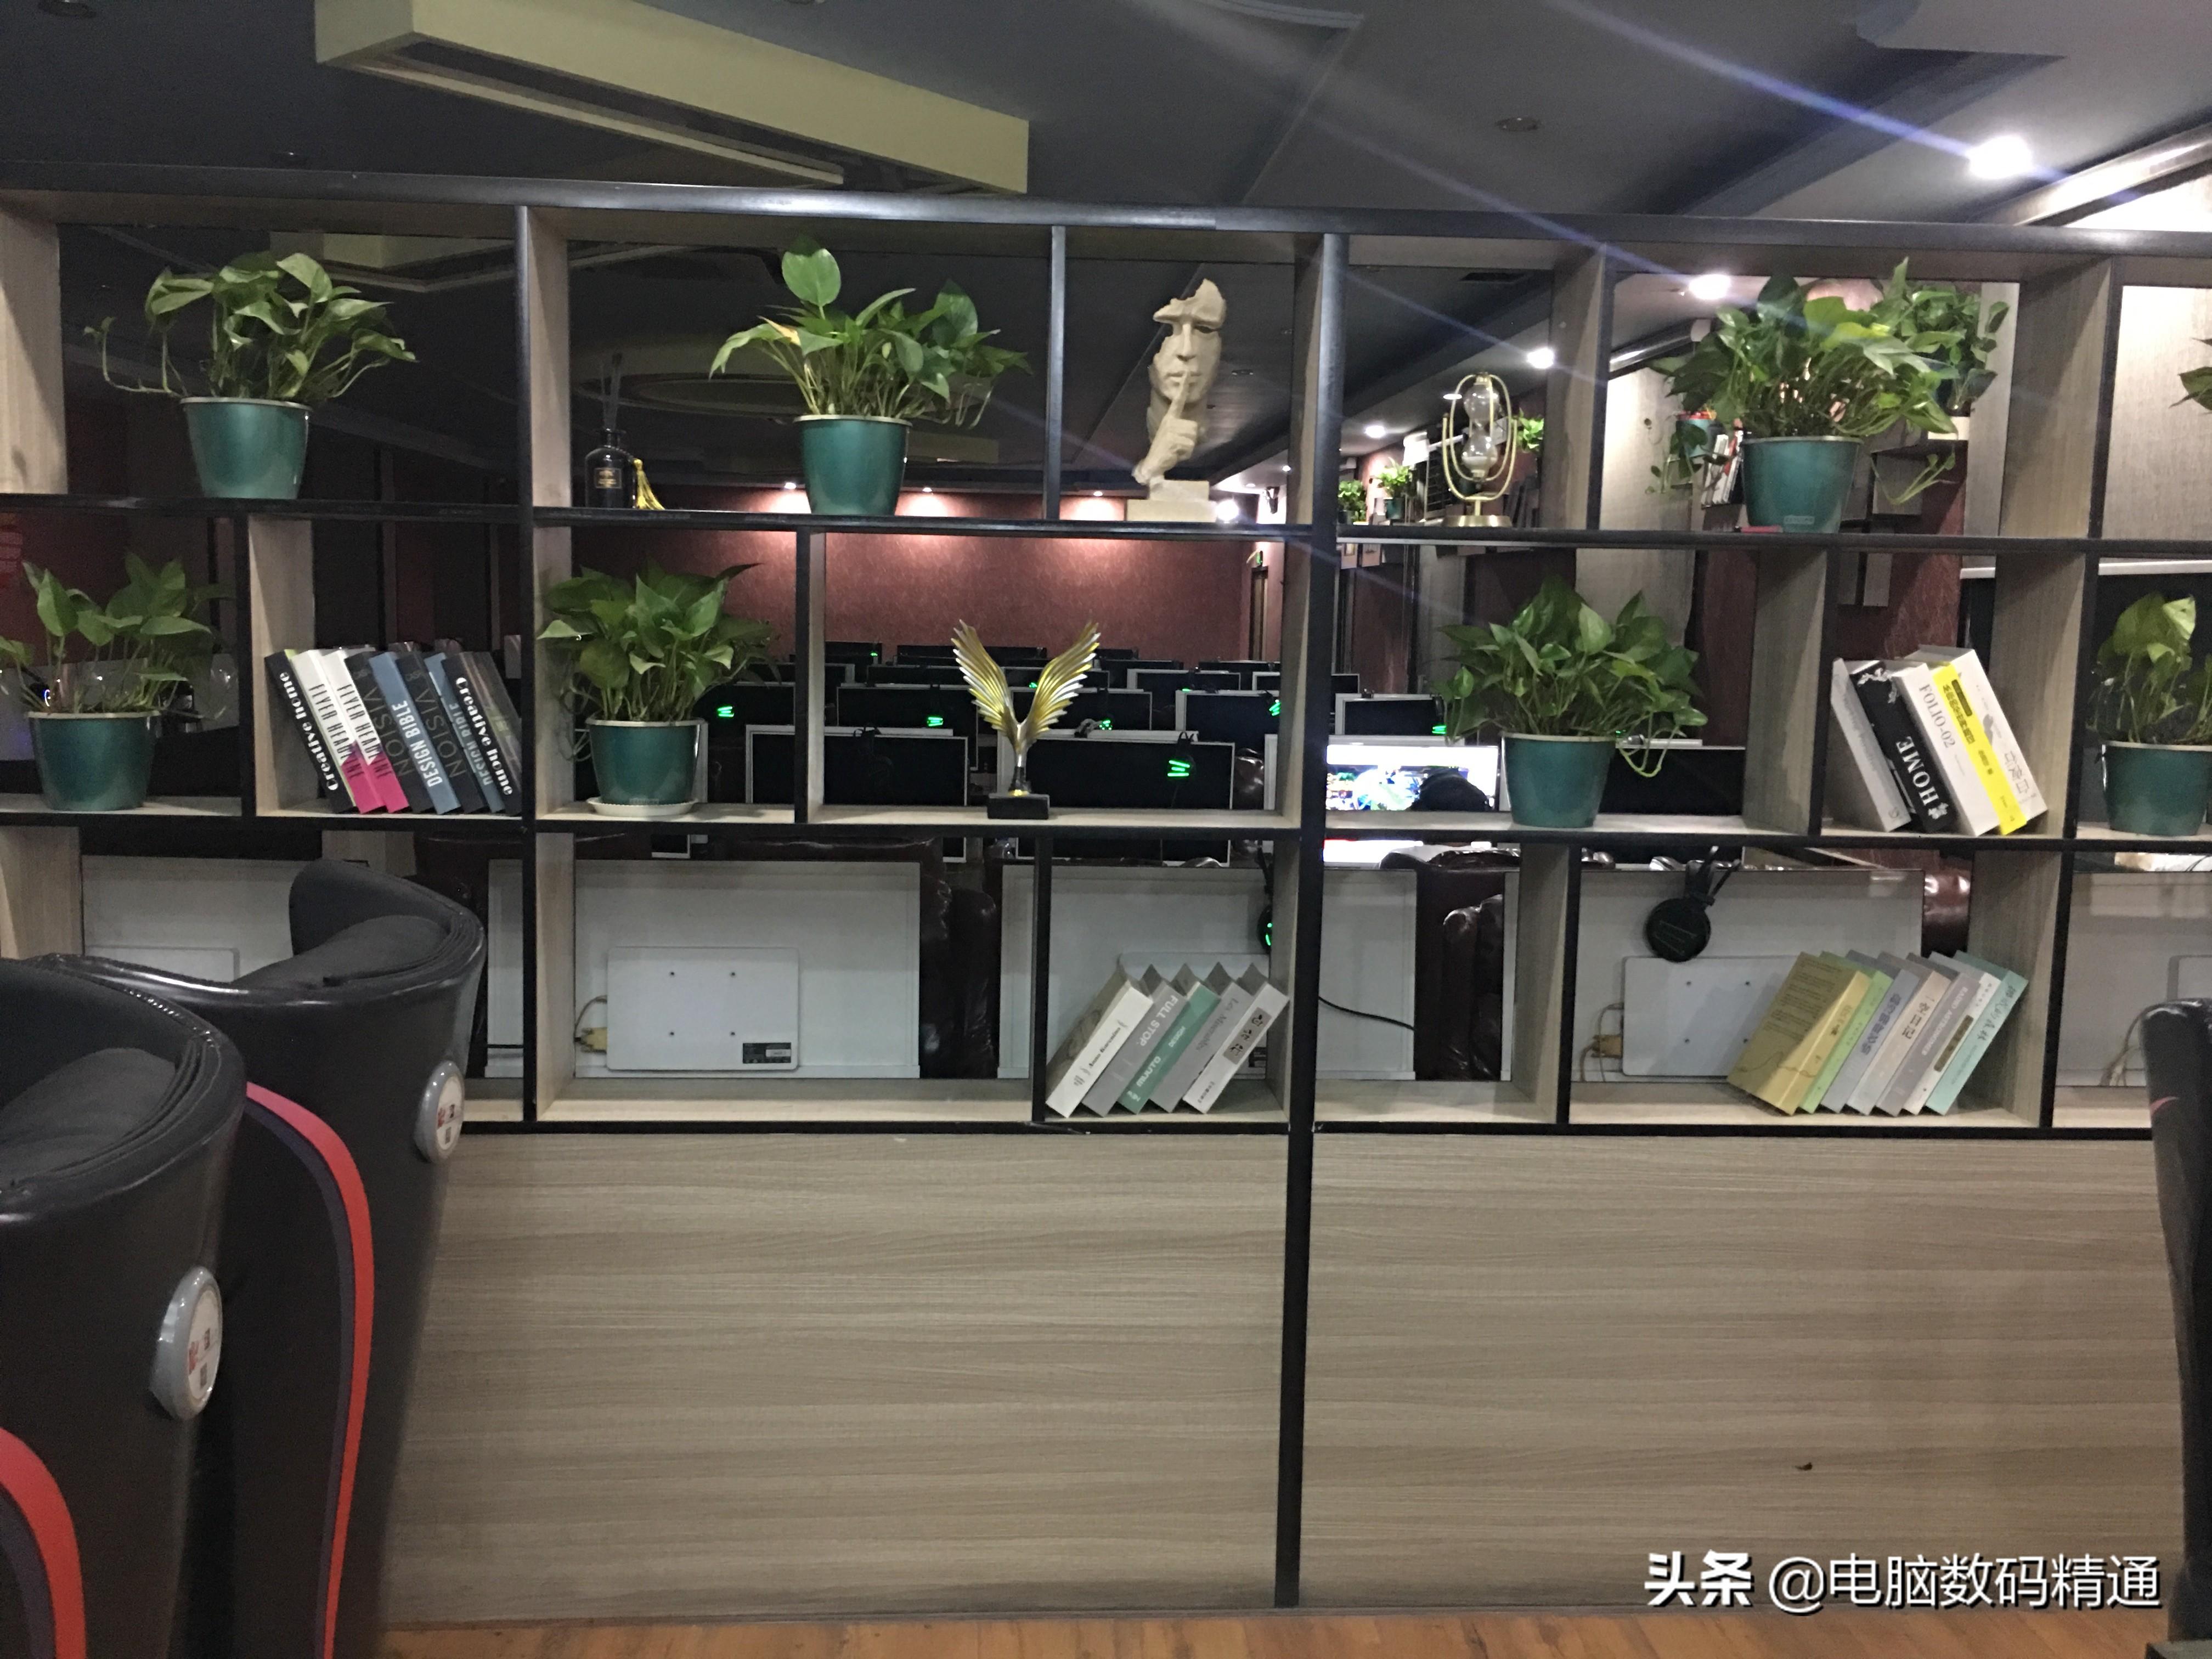 申請經營網吧和游戲廳需要什么前置許可?